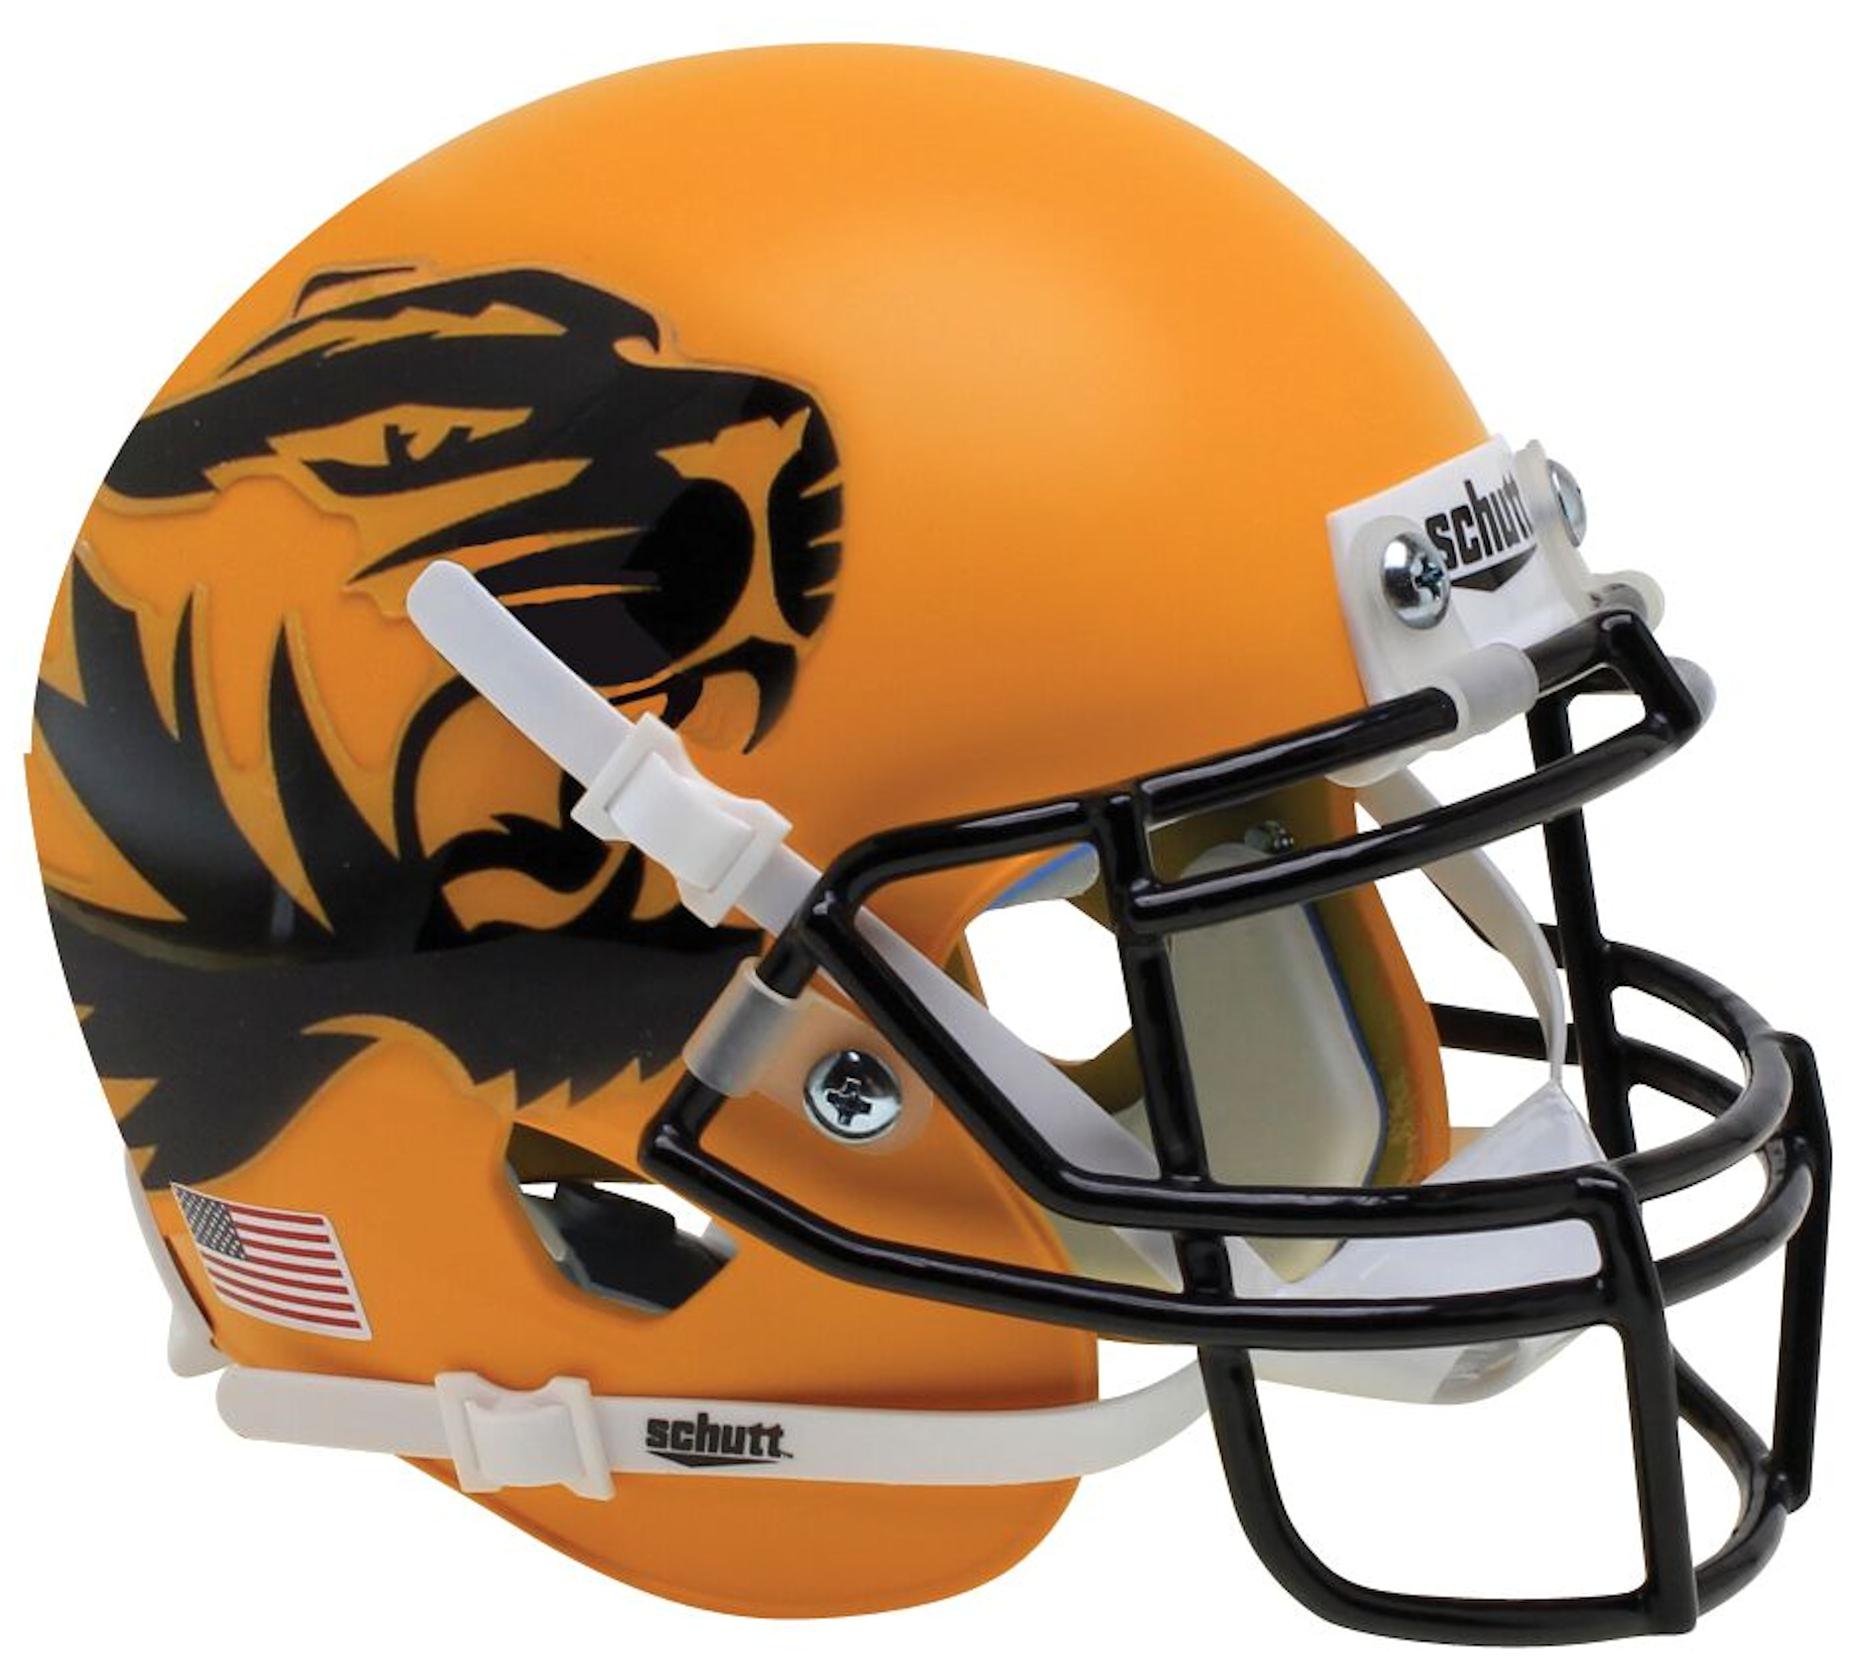 Missouri Tigers Mini XP Authentic Helmet Schutt <B>Yellow Large Tiger</B>